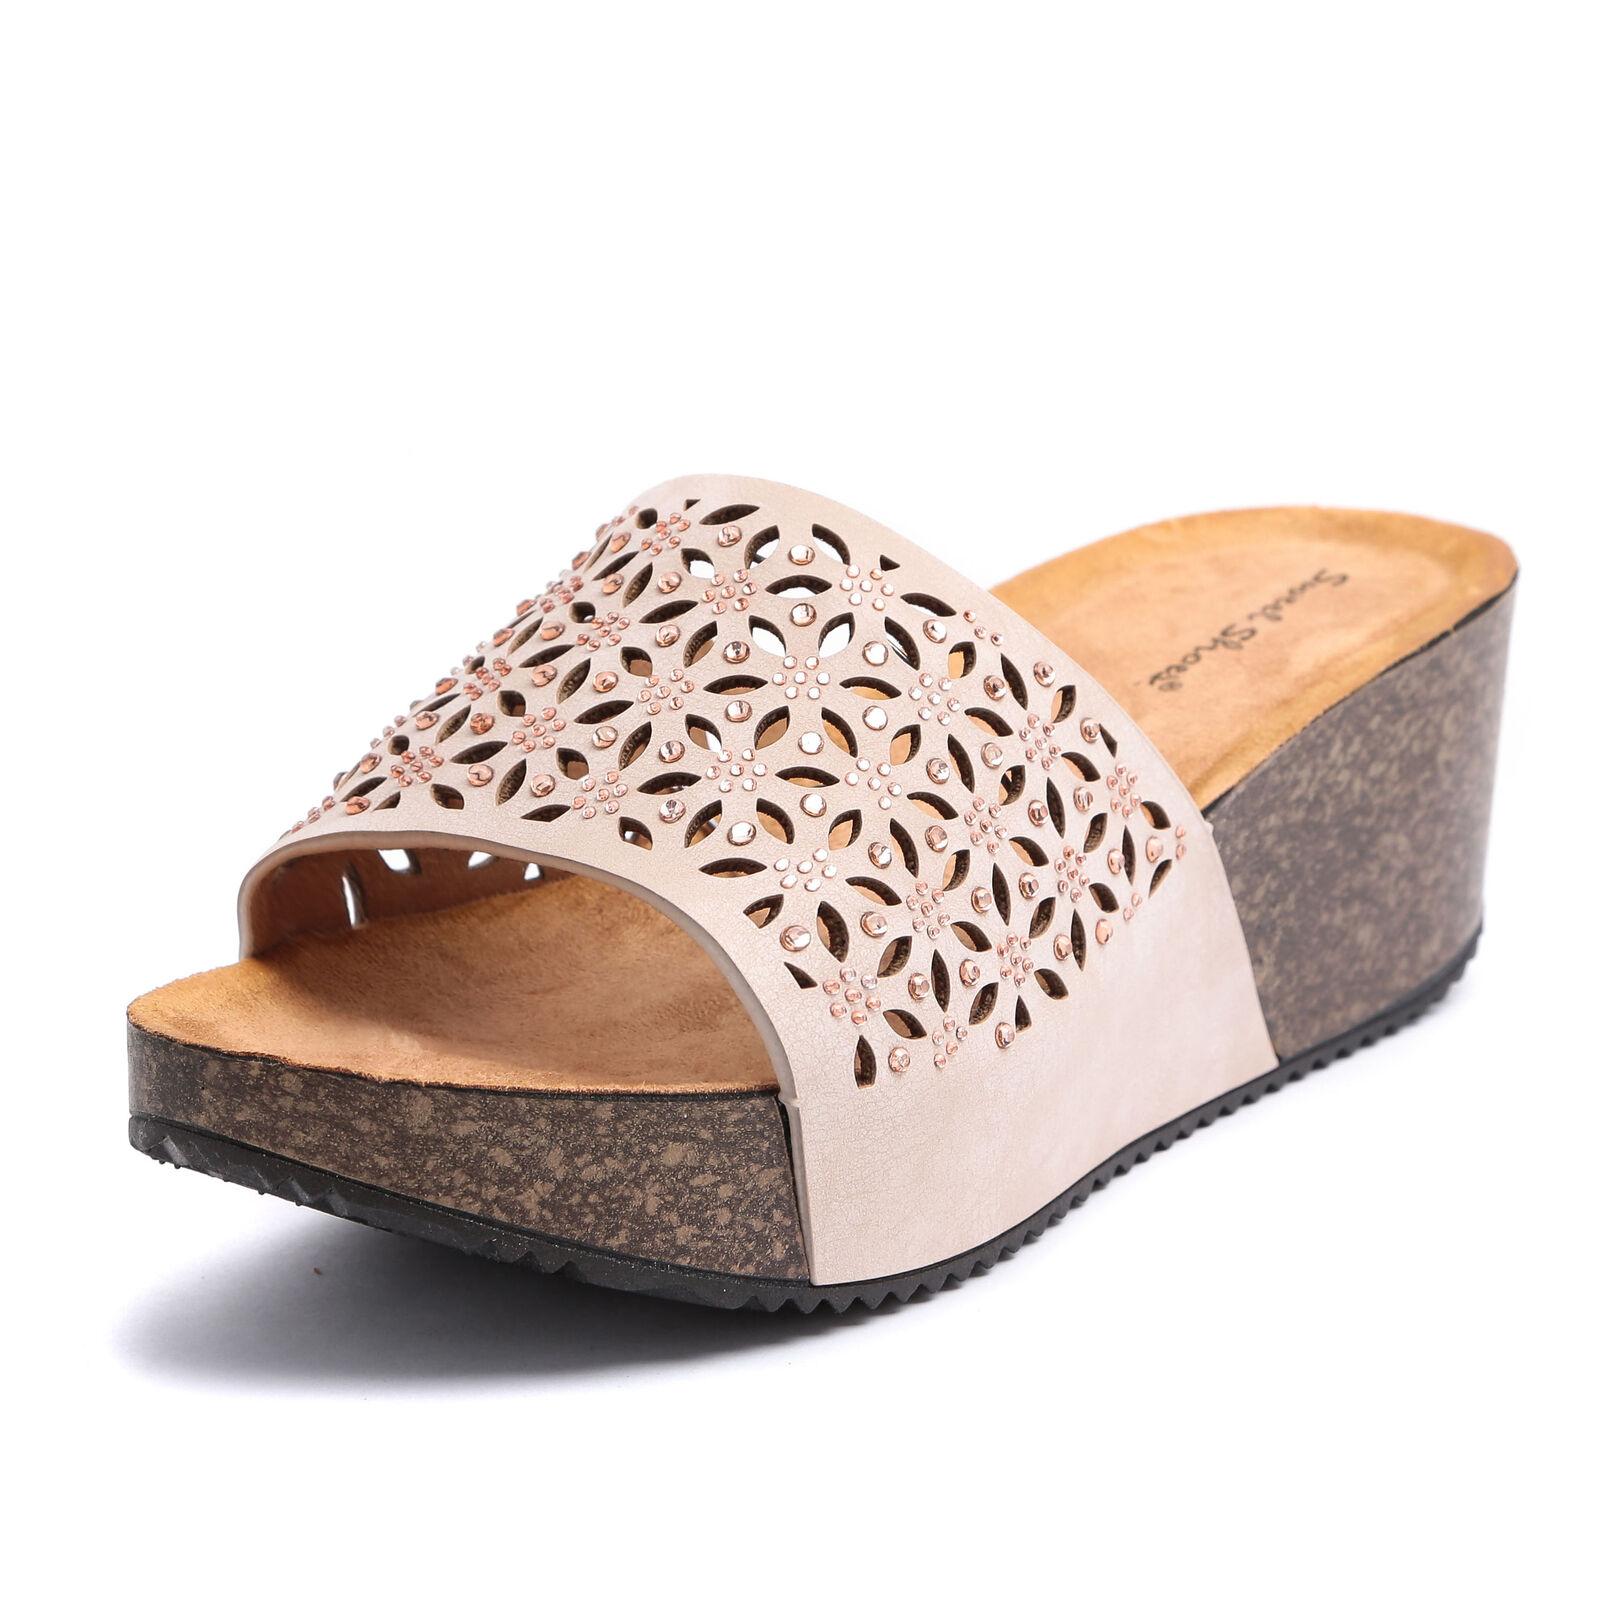 dal costo ragionevole colore attraente sconto speciale di Scarpe donna ciabatte zeppa sughero flatform sandali eco pelle ...